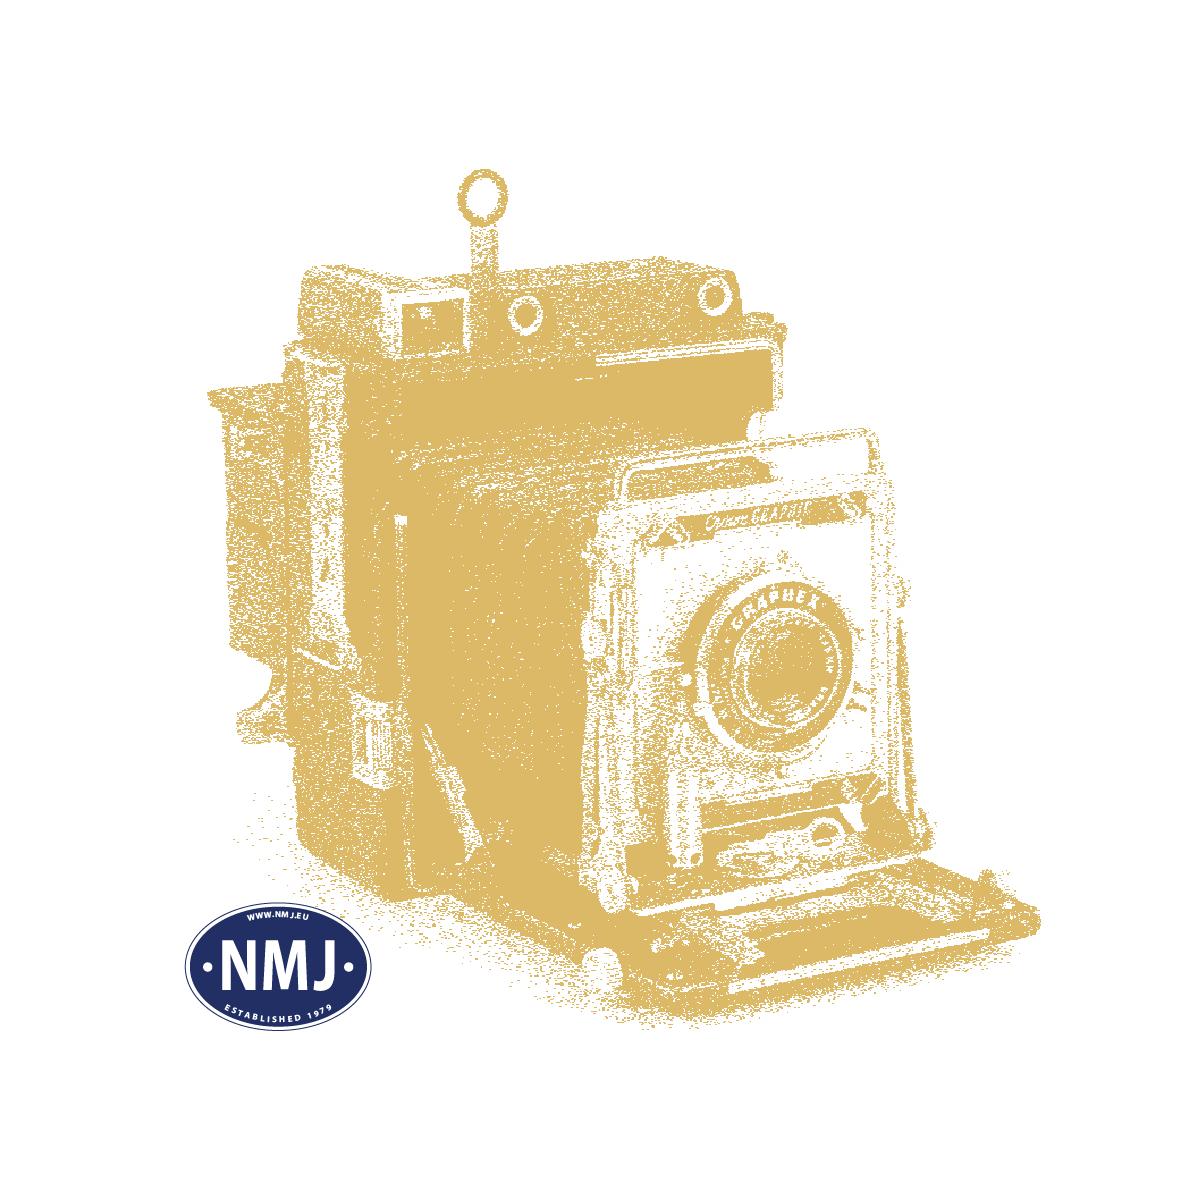 NMJT82.410 - NMJ Topline OBAS El13.2124, DC, grün